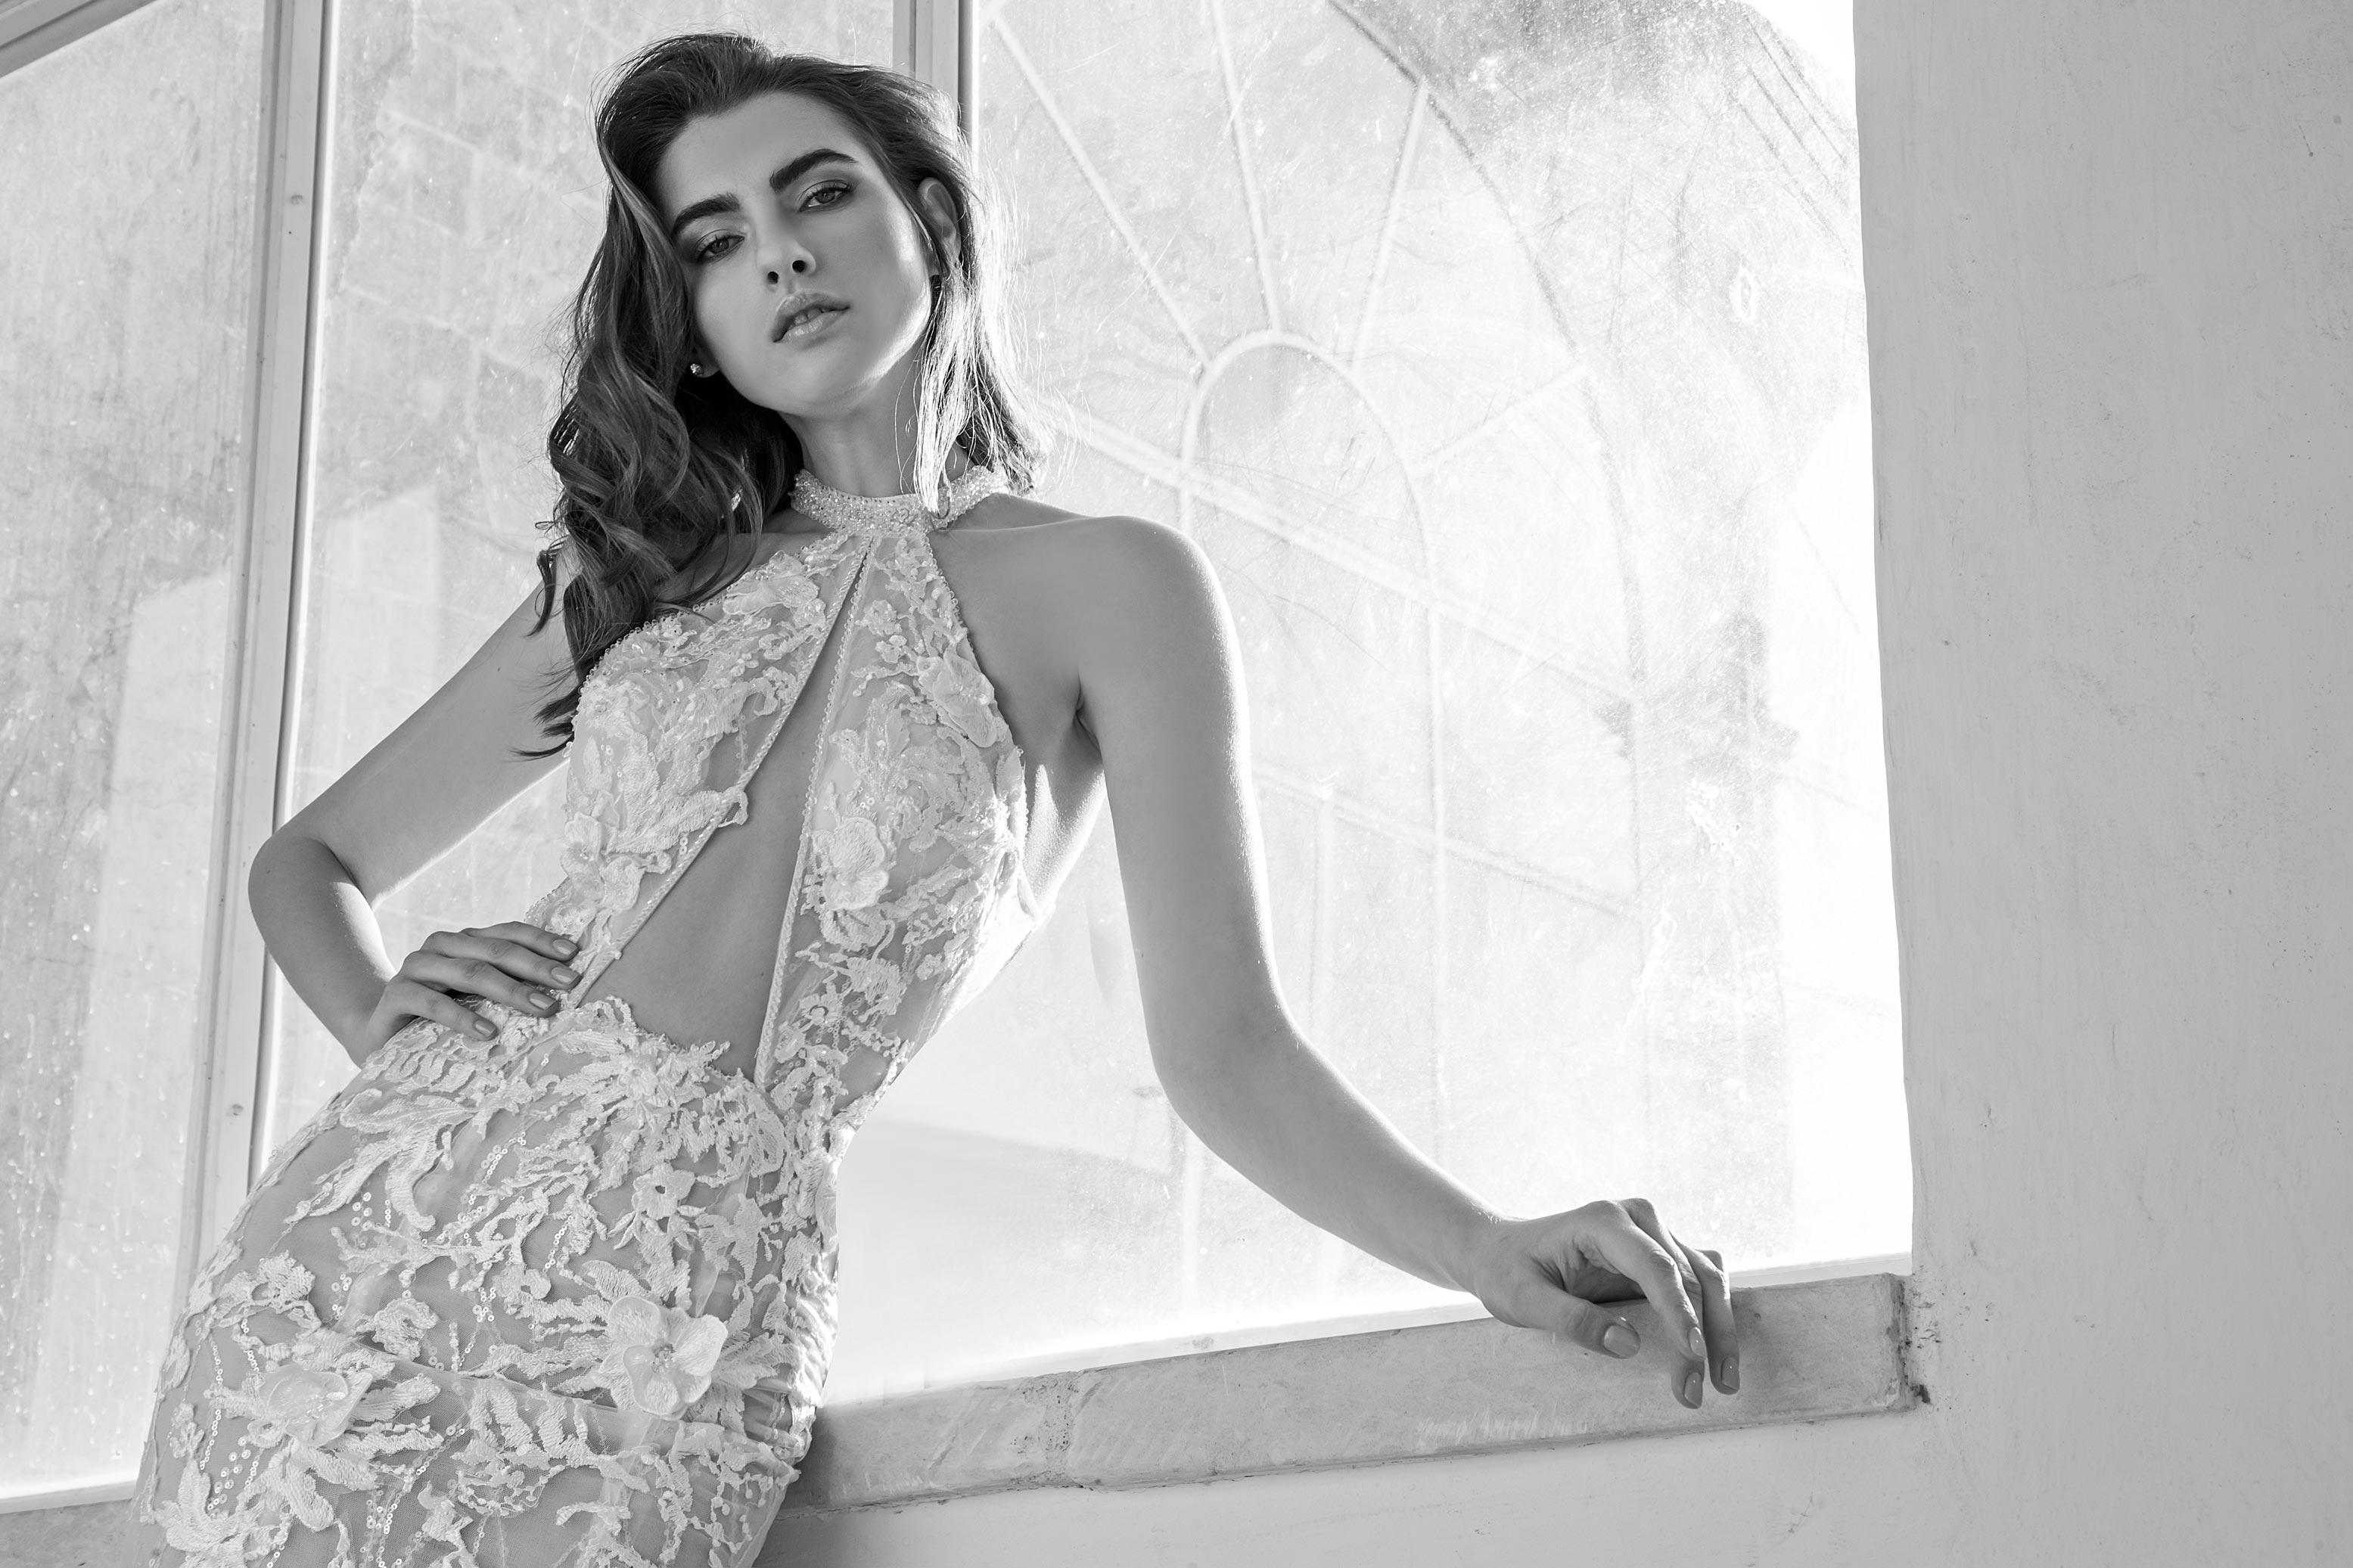 Vestiti Da Sposa Janvier.Nuova Collezione 2020 Baci Stellari By Valeria Marini